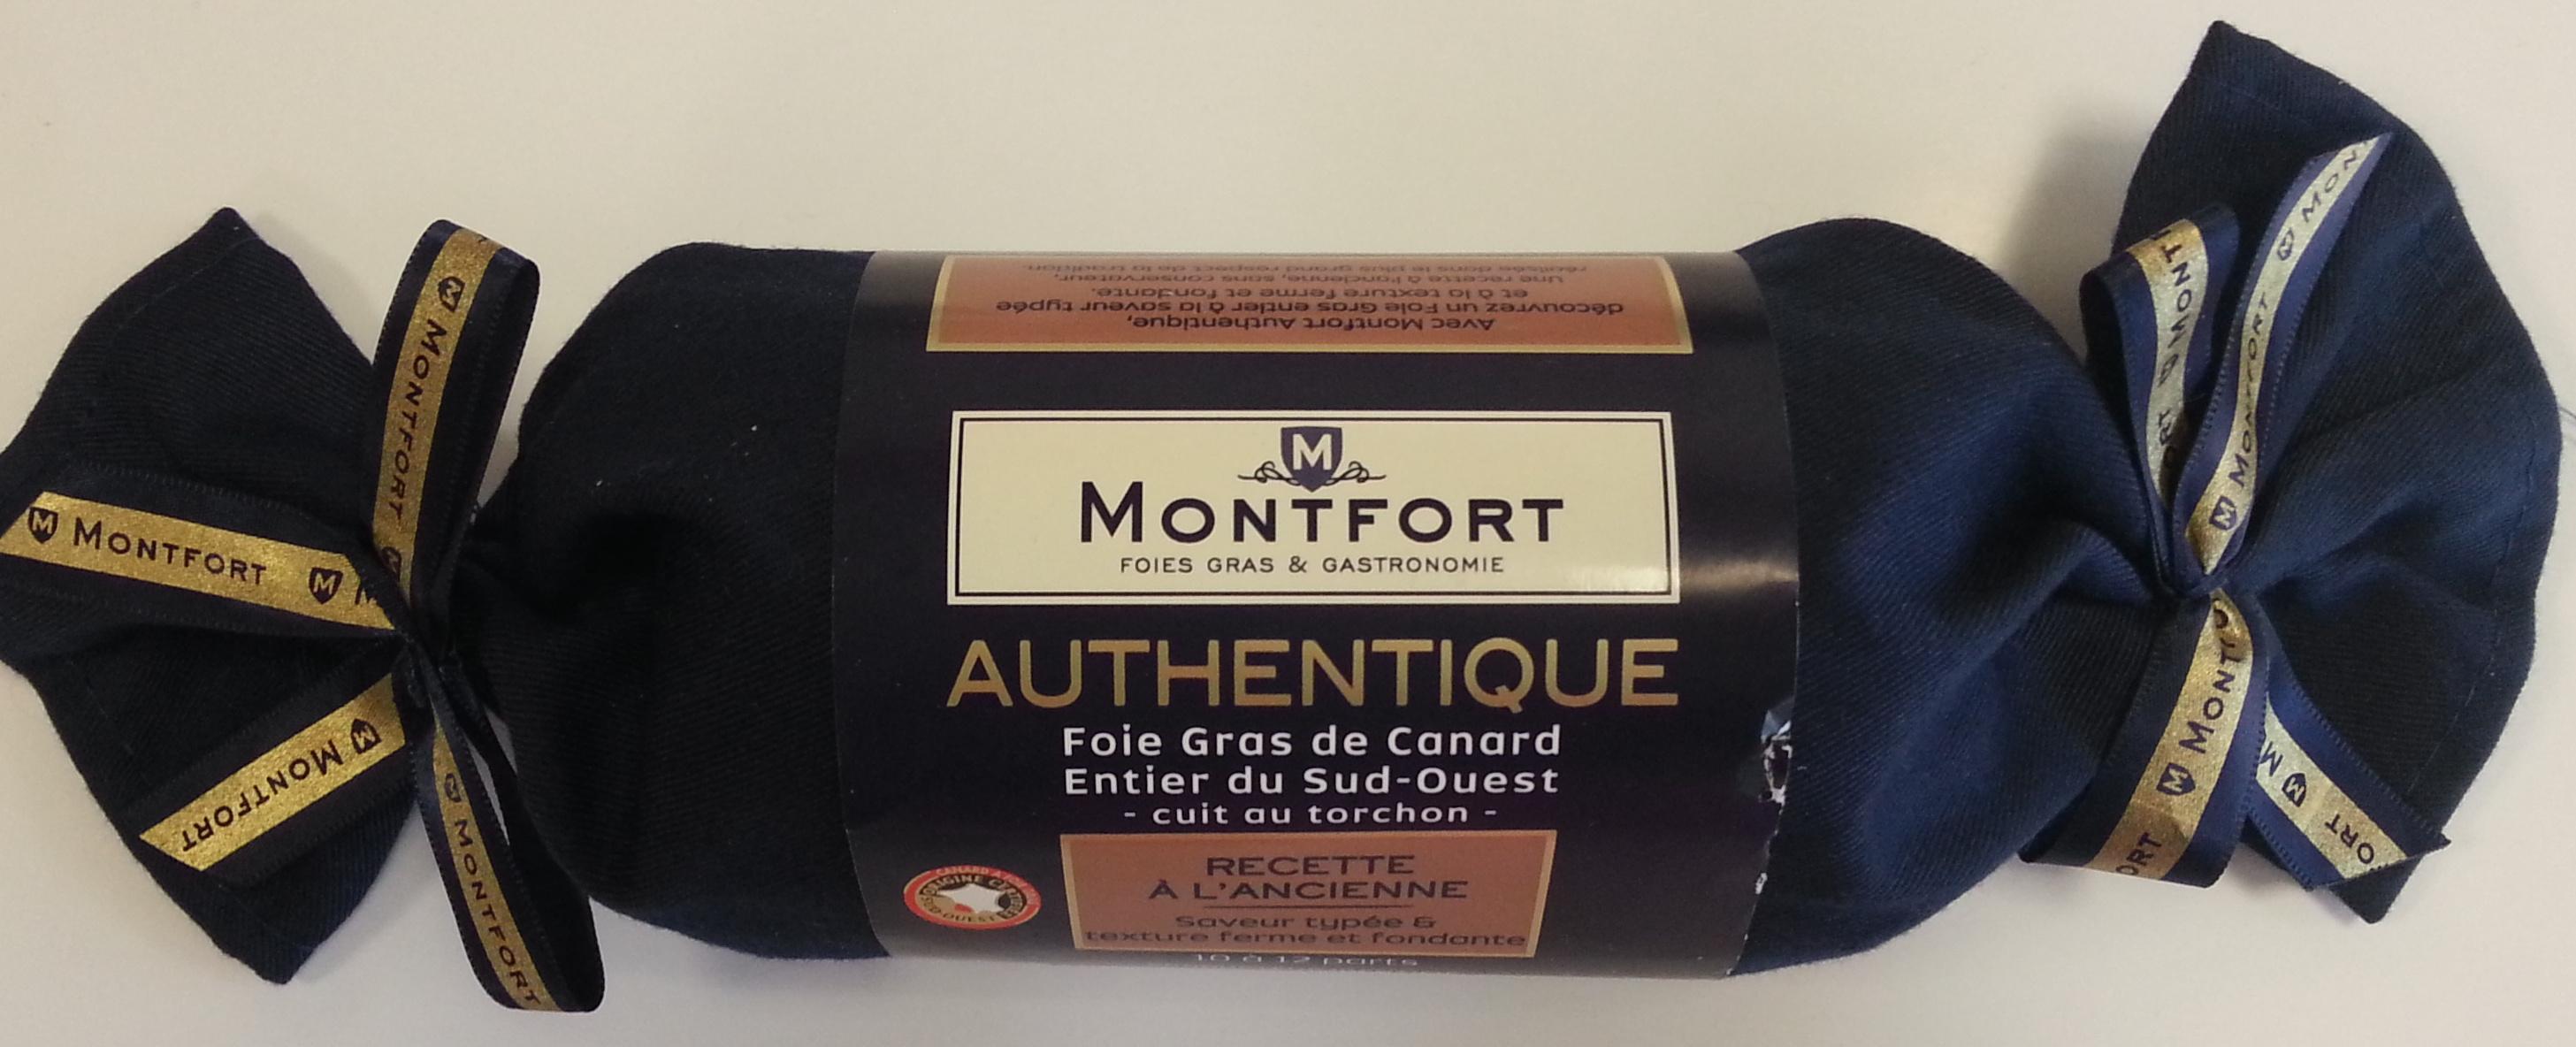 Authentique foie gras de Canard entier du Sud-Ouest - Produit